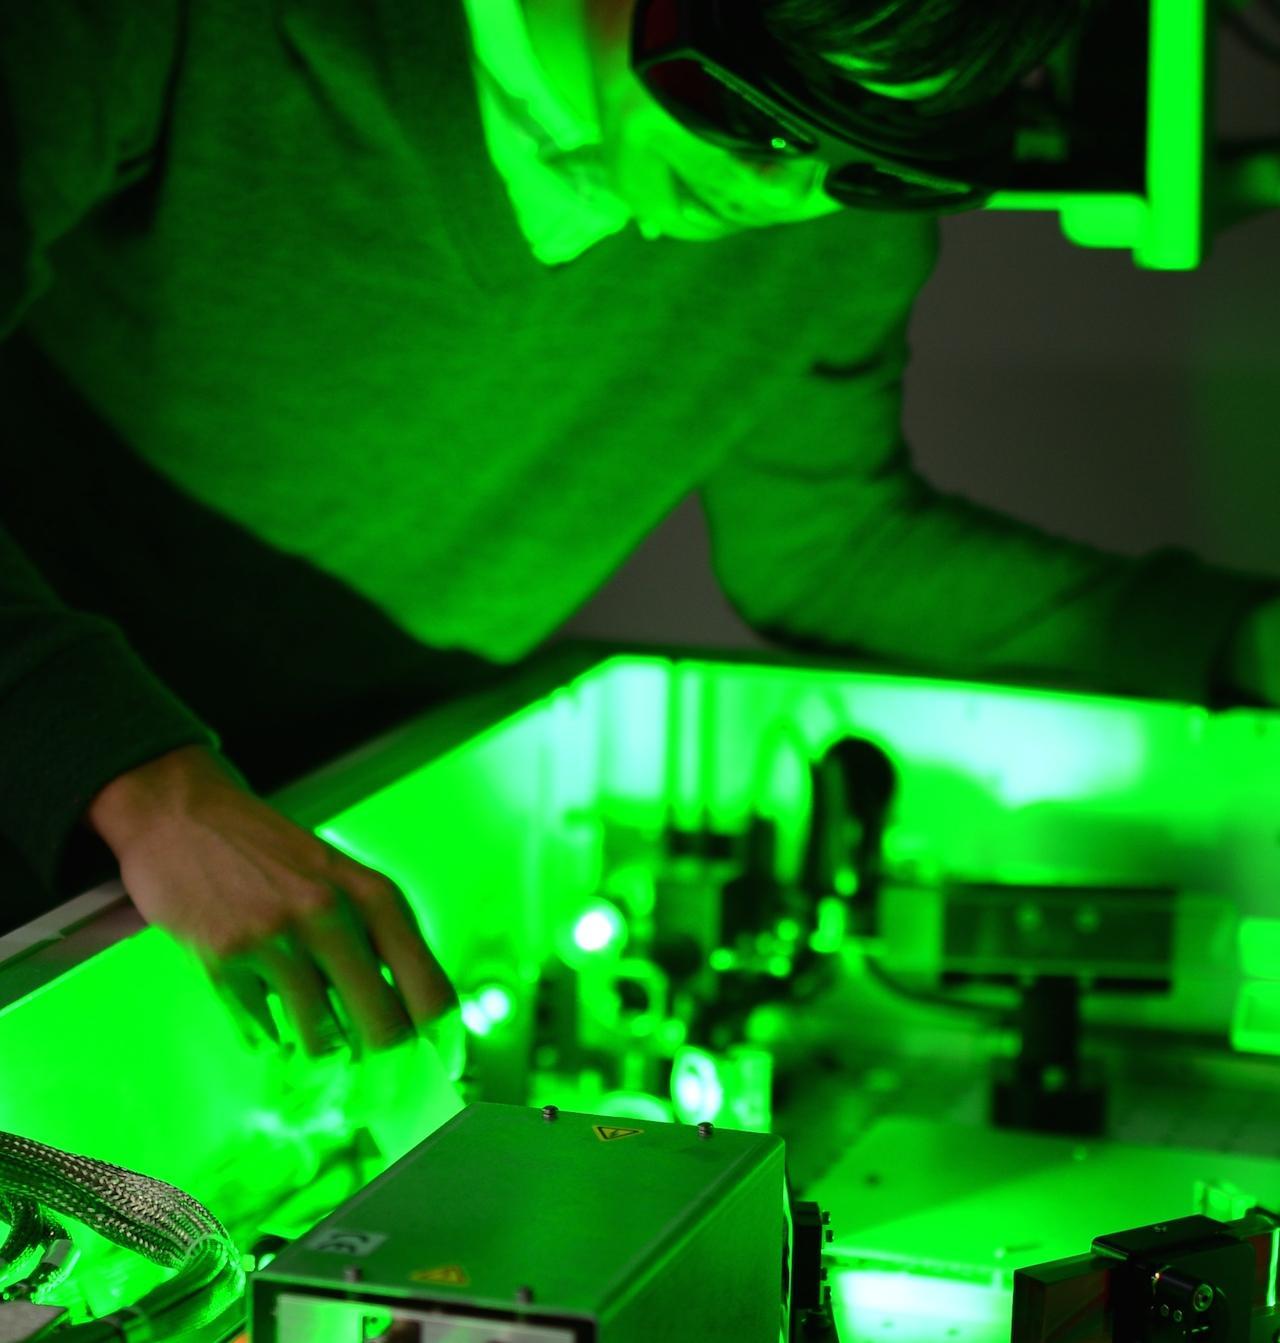 ・ユニークな光学特性の発見